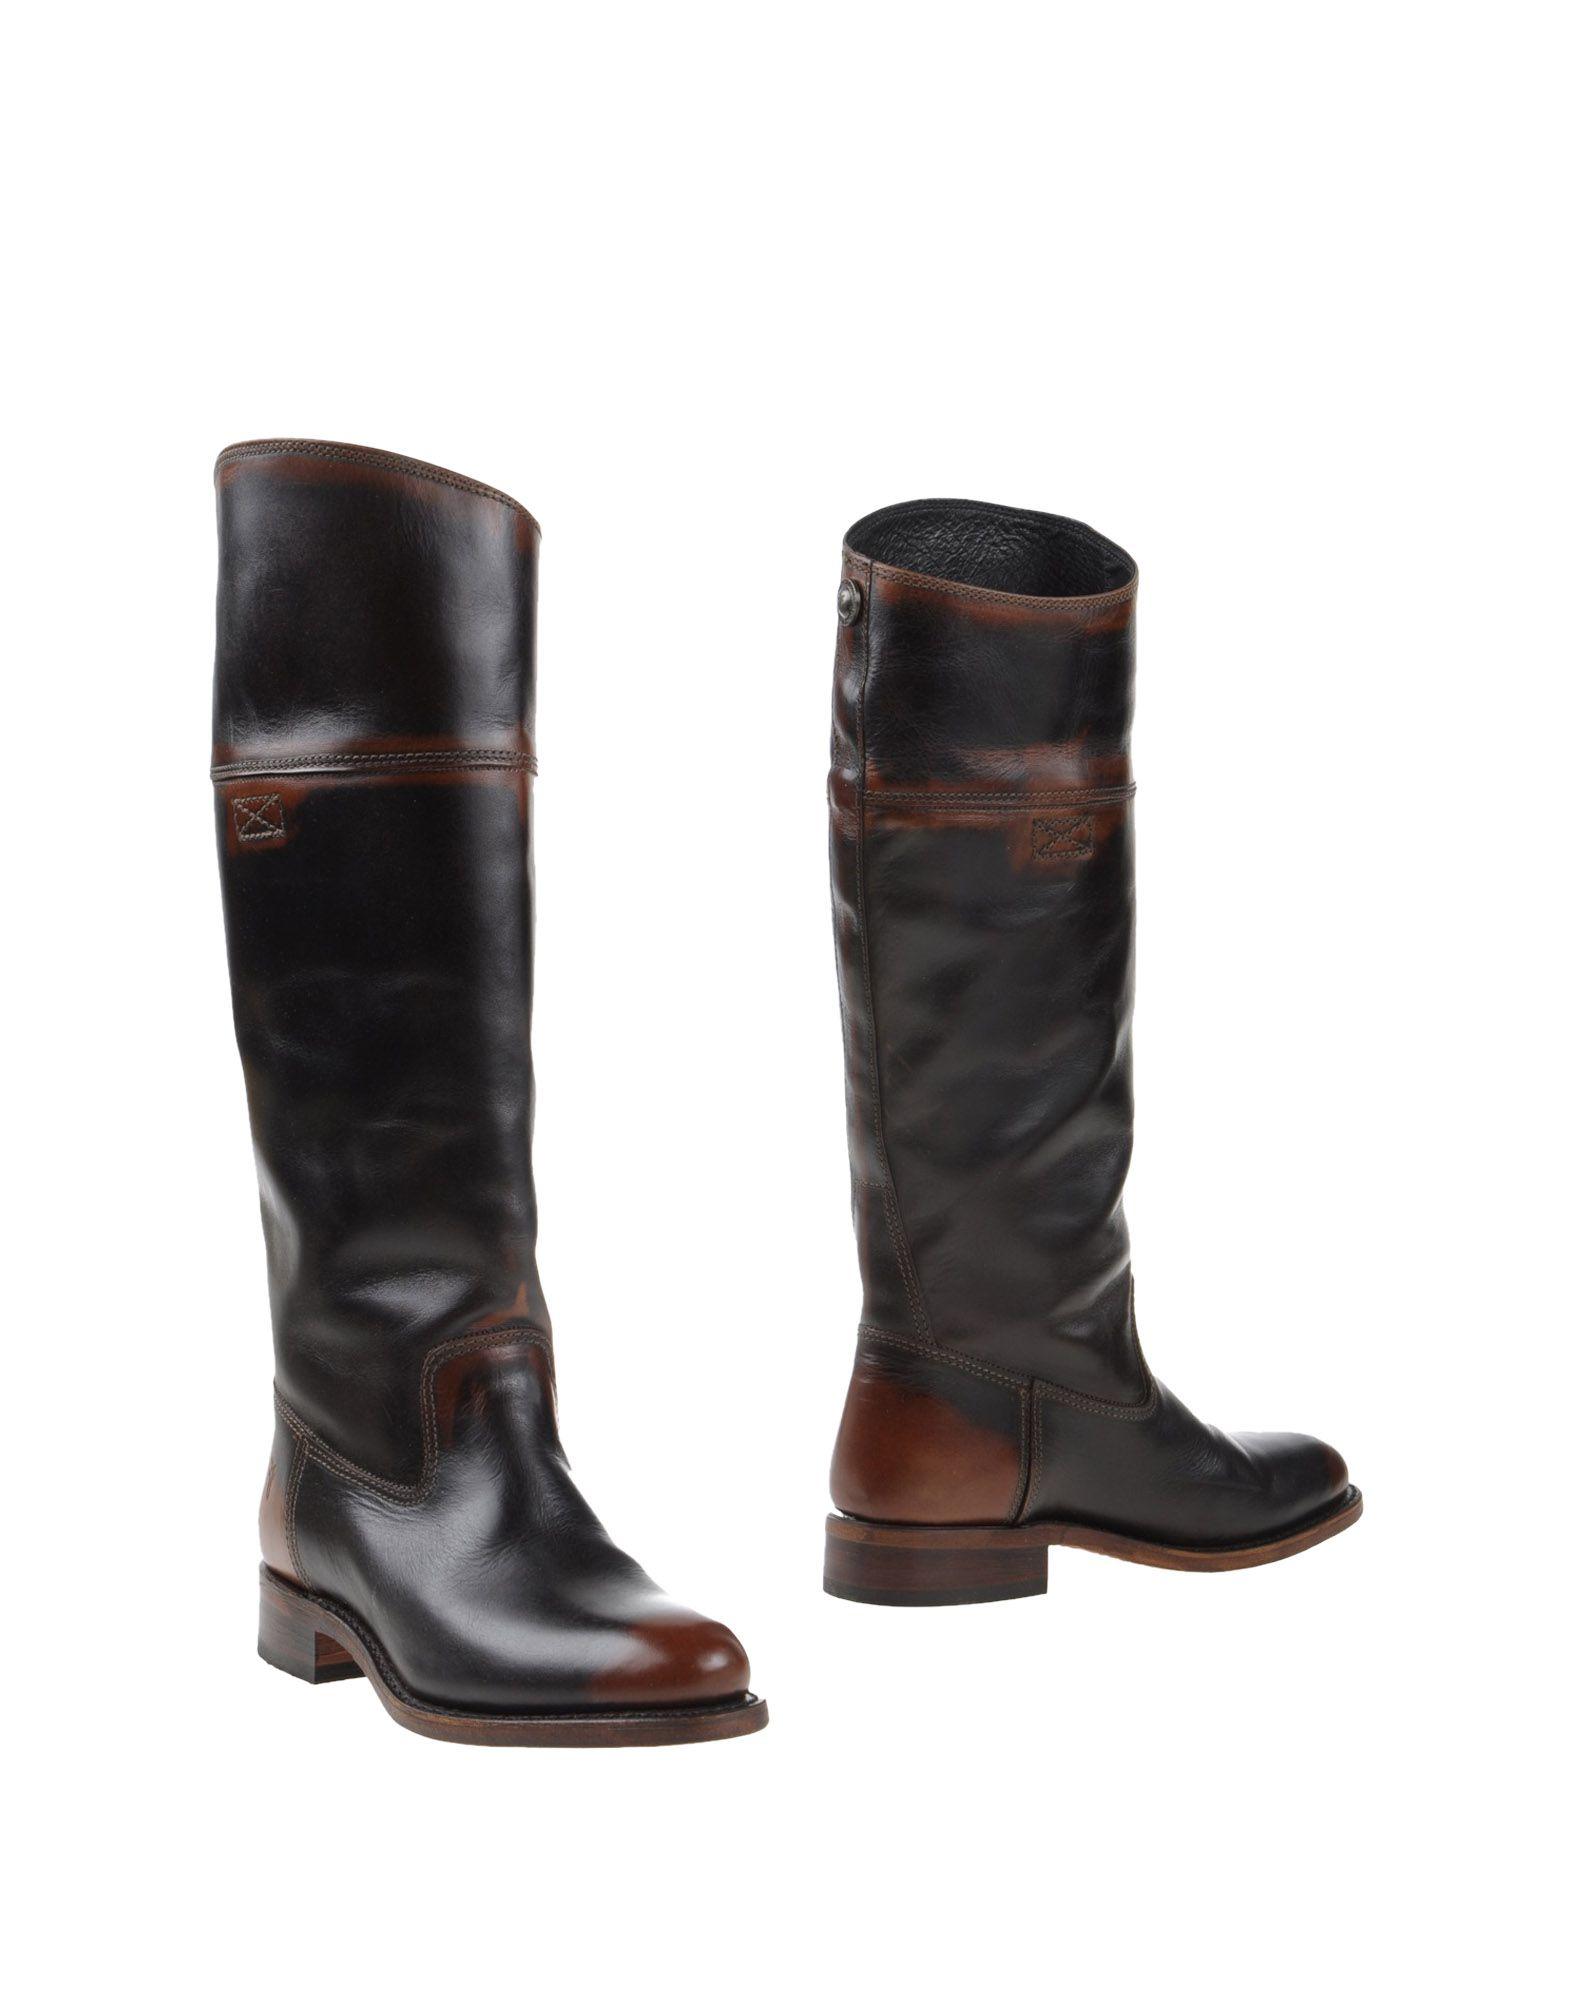 Frye Stiefelette Herren  beliebte 44863324VD Gute Qualität beliebte  Schuhe ab6250